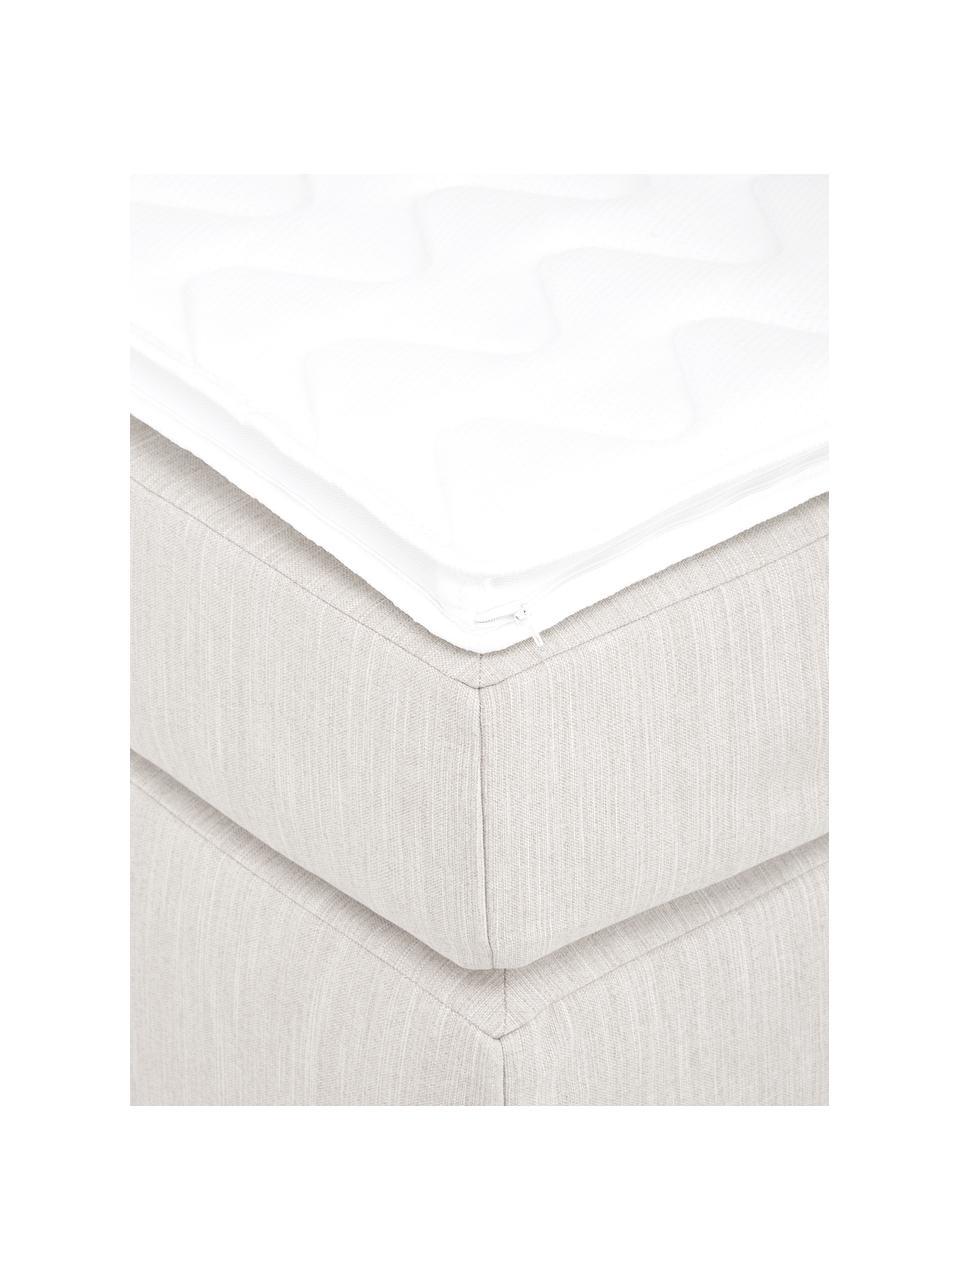 Boxspring bed Aries zonder hoofdeinde in lichtbeige, Matras: 5-zones pocketvering, Poten: kunststof, Stof lichtbeige, 200 x 200 cm